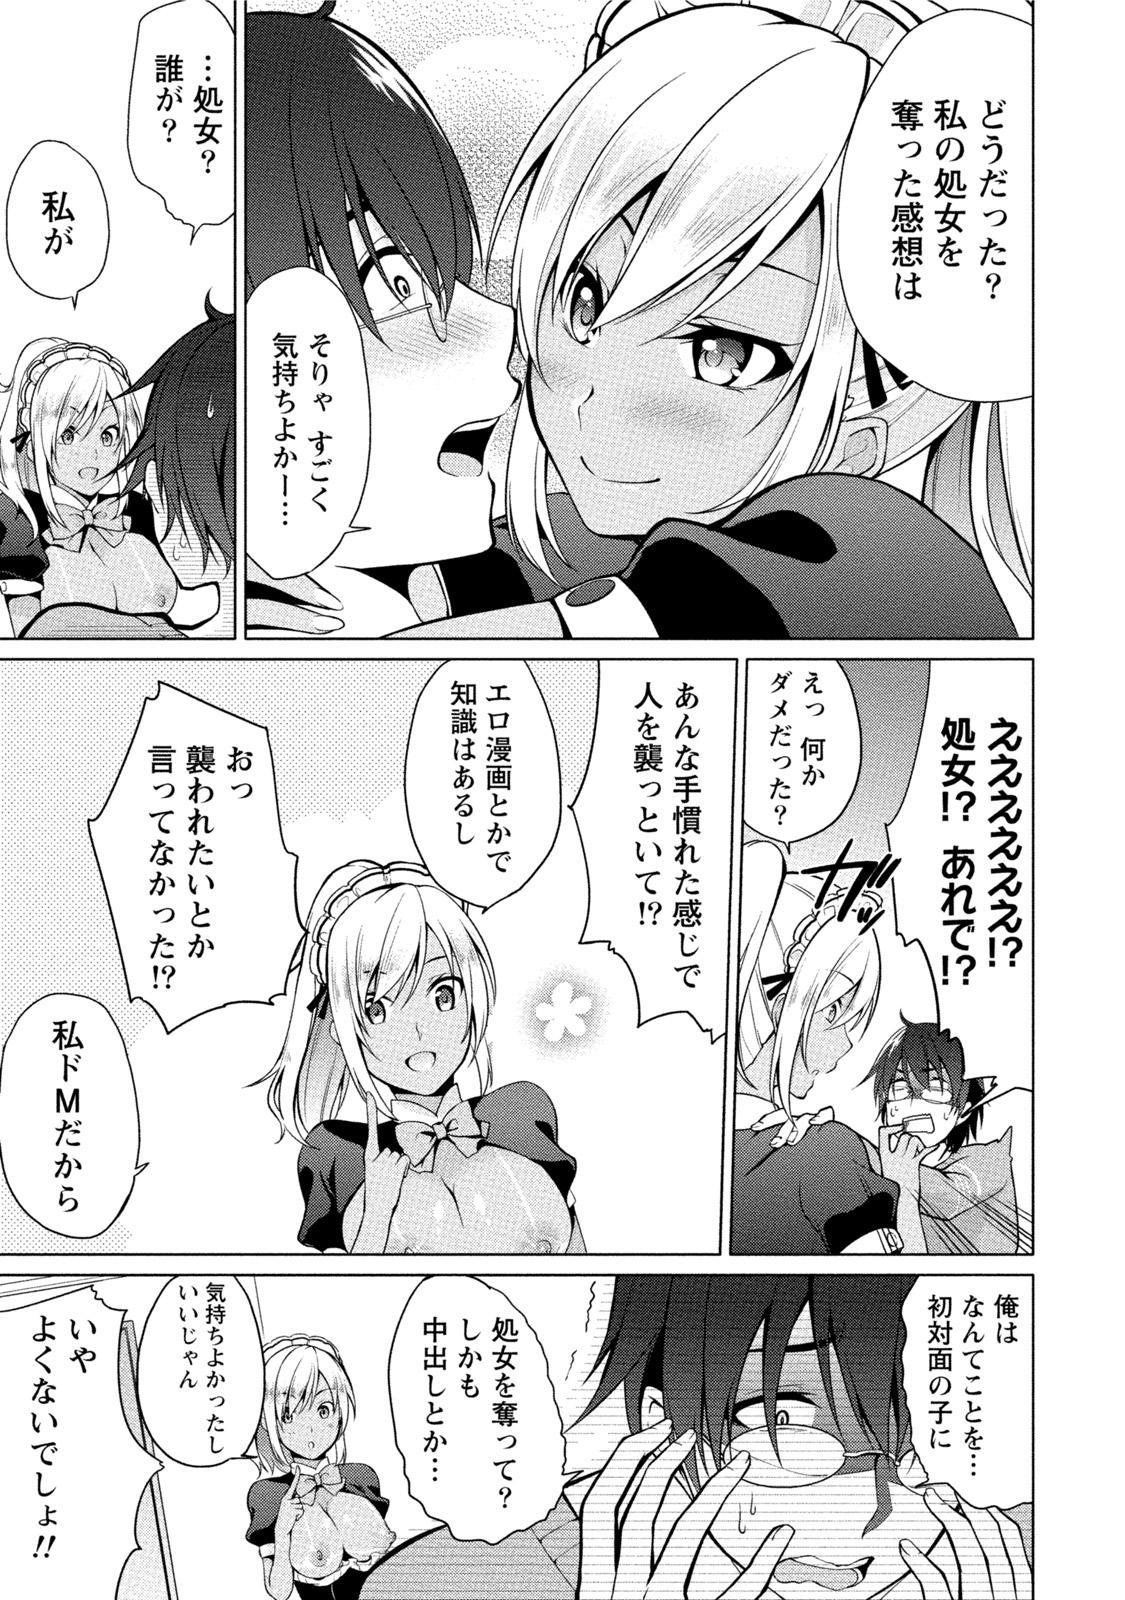 Ecchi na Watashi ja Dame desu ka? 59